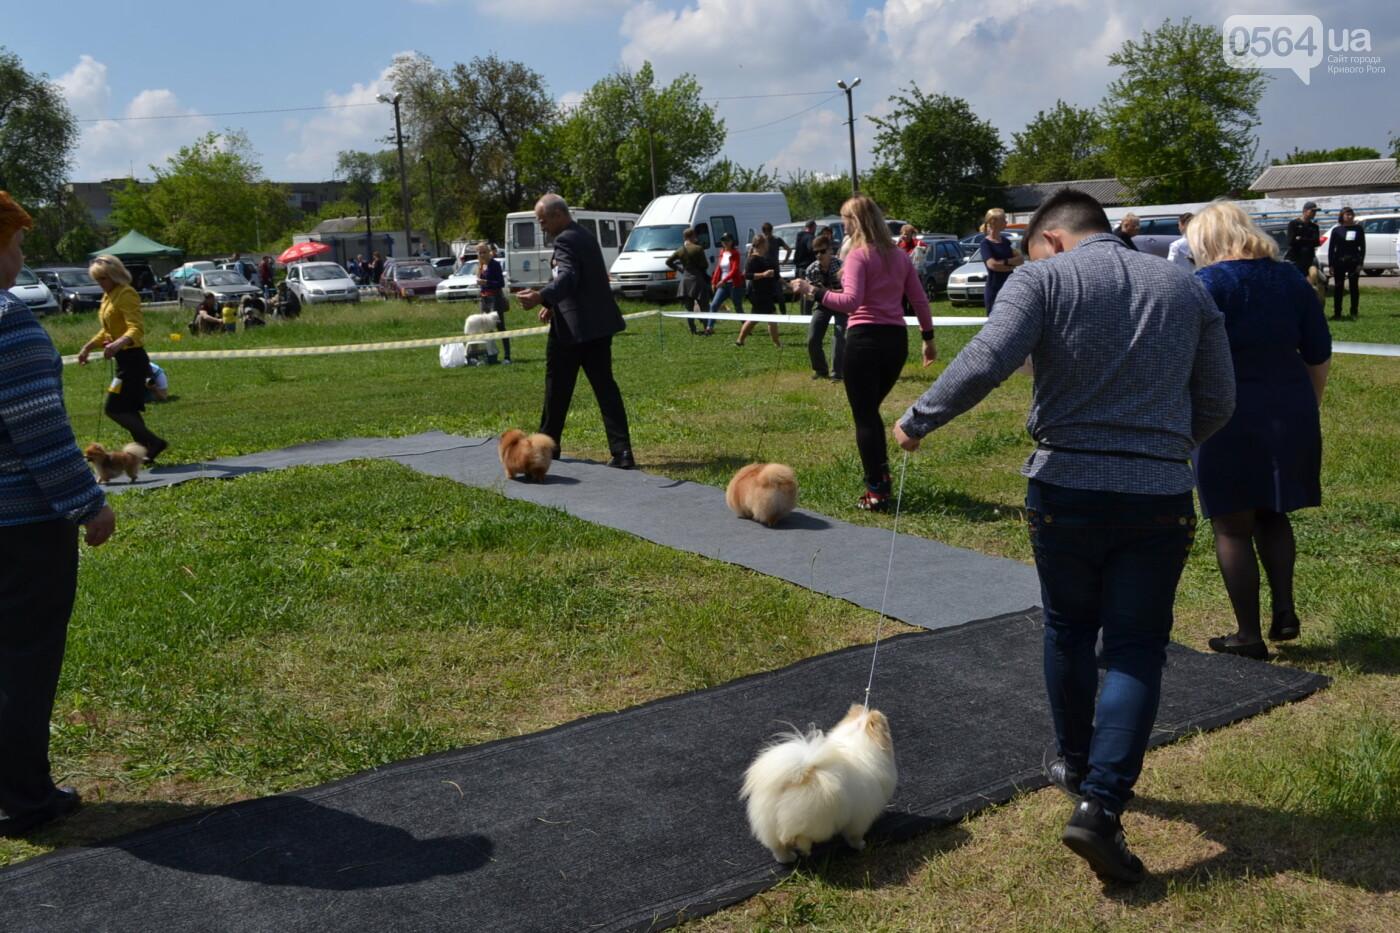 """""""Весна Кривбасса-2019"""": на выставке в Кривом Роге можно увидеть собак более 90 пород, - ФОТО, ВИДЕО, фото-33"""